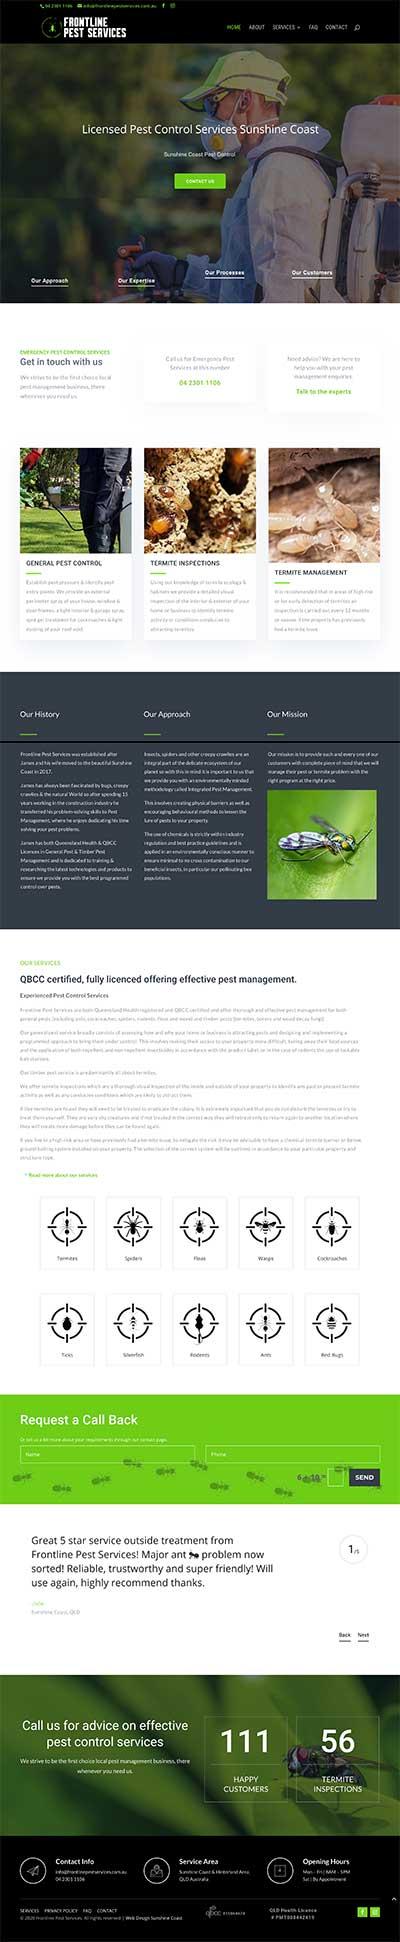 sunshine coast web design for pest control busienss